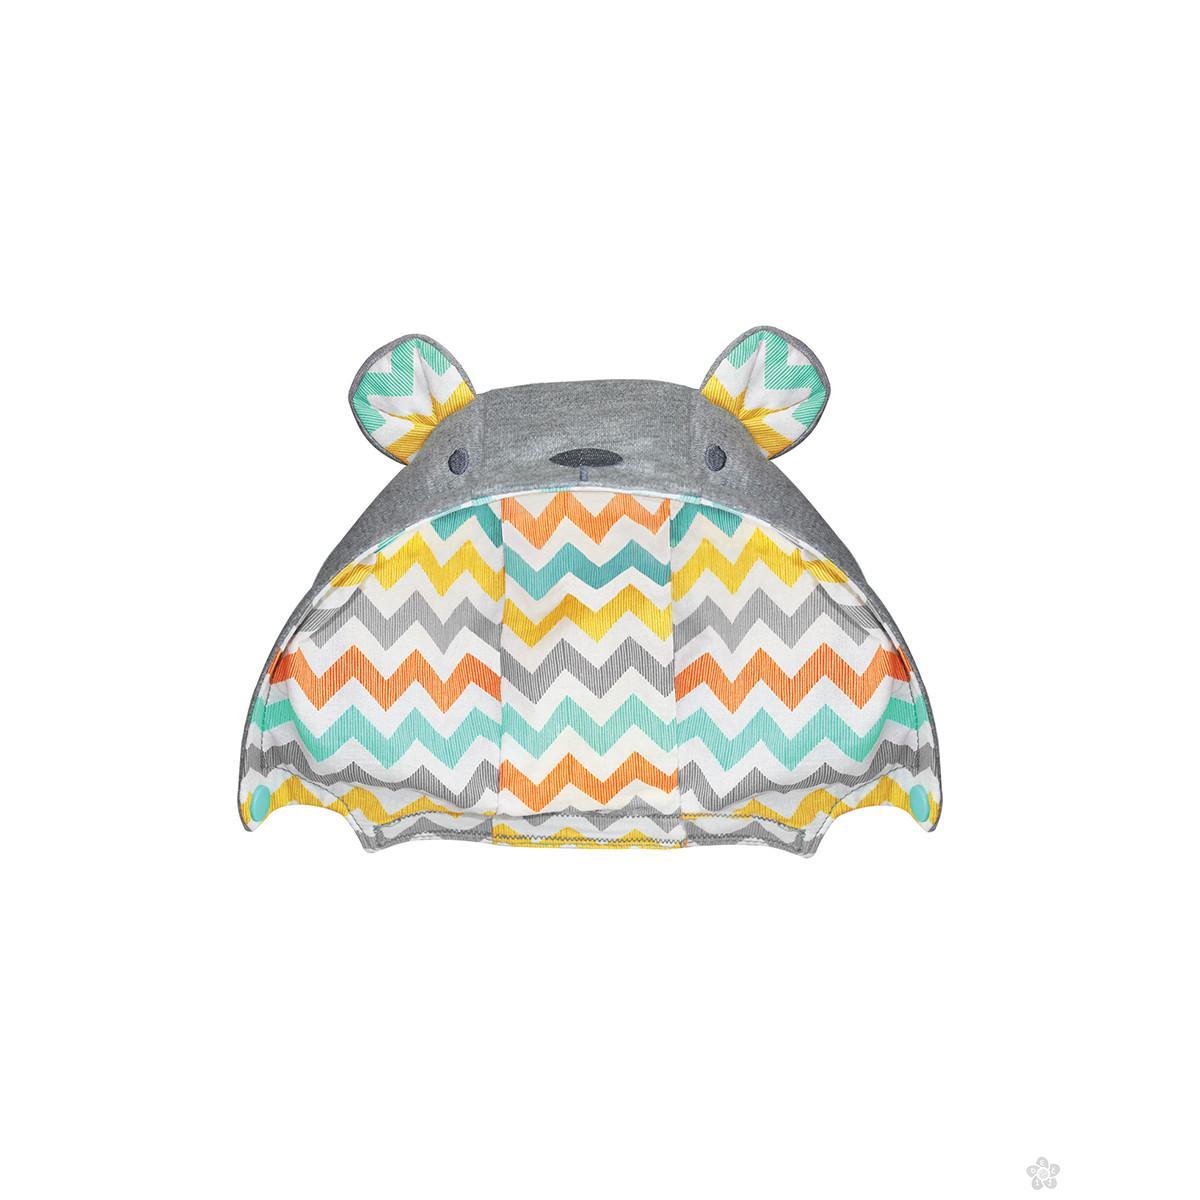 Kengur nosiljka Cuddle up Ergonomic, 115086